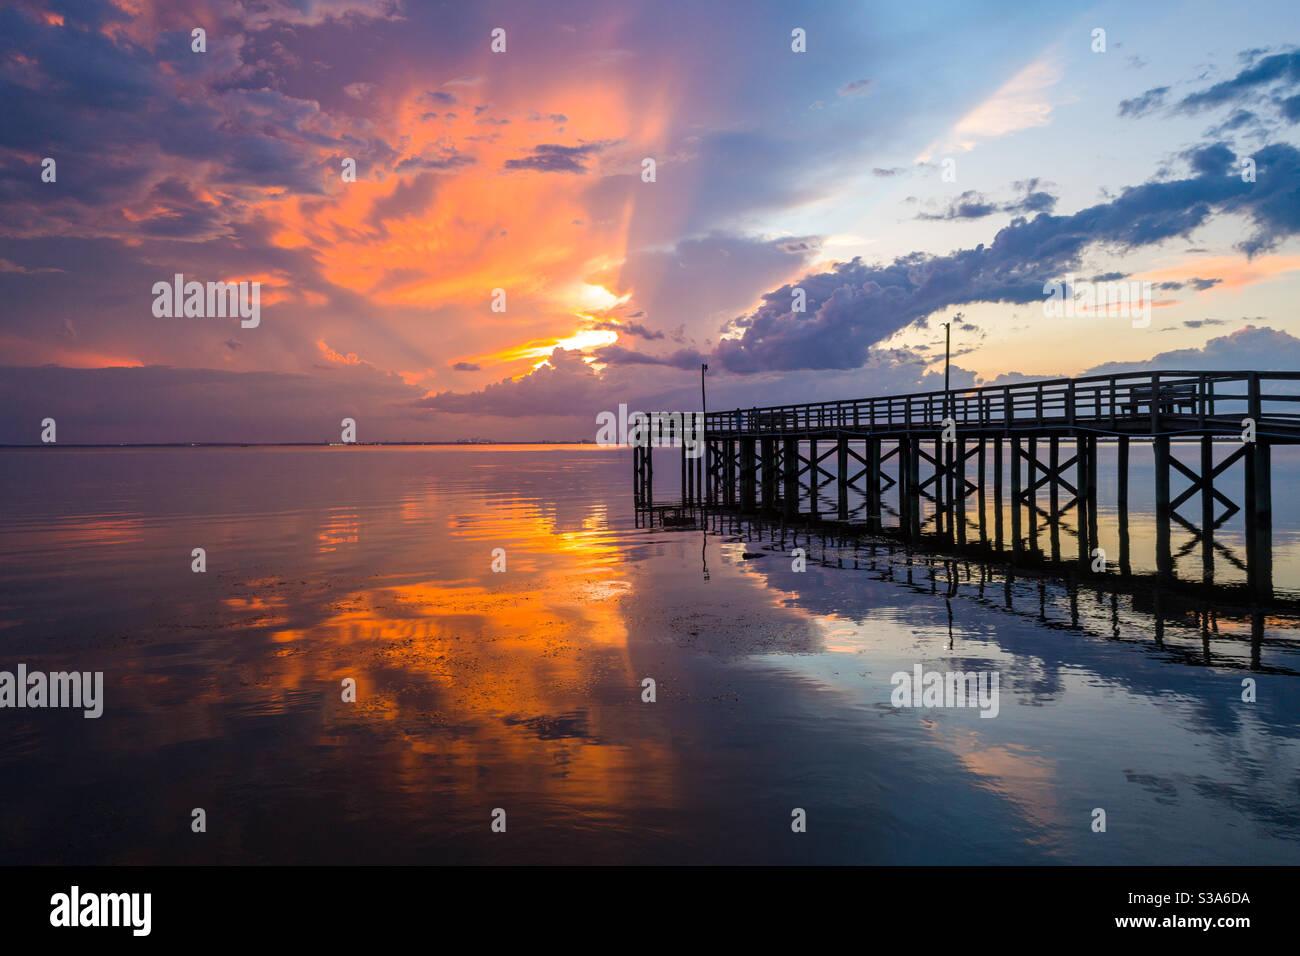 Splendido tramonto sul fronte della baia Foto Stock